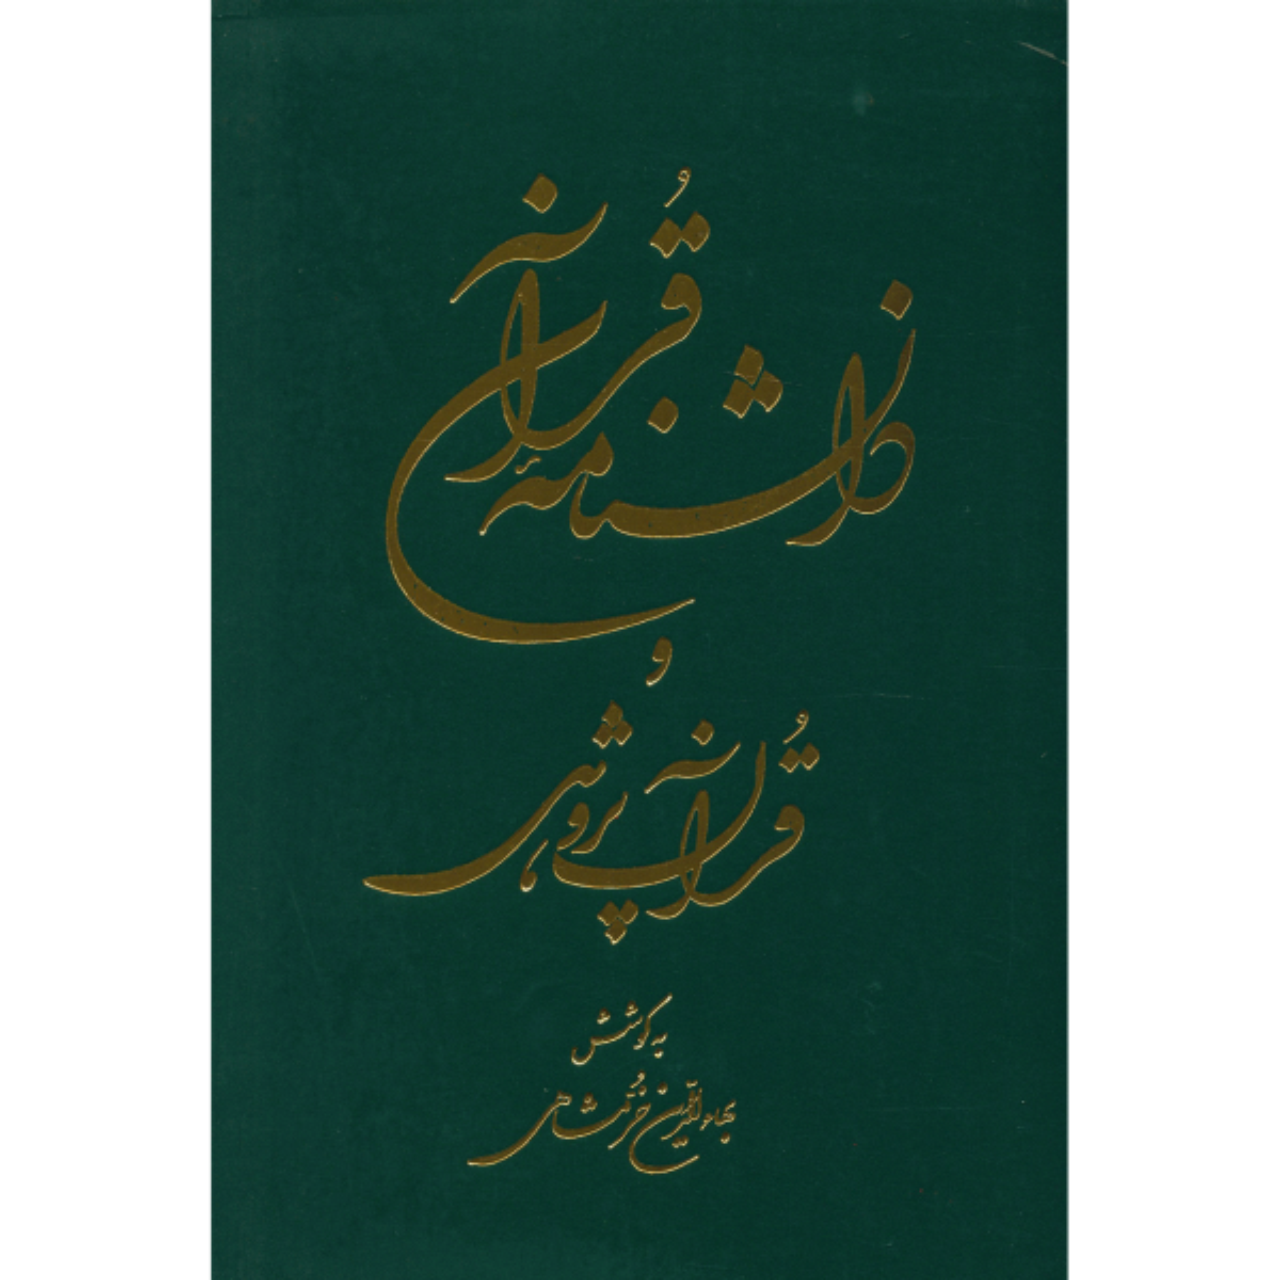 کتاب دانشنامه ی قرآن و قرآن پژوهی اثر بهاء الدین خرمشاهی - دو جلدی